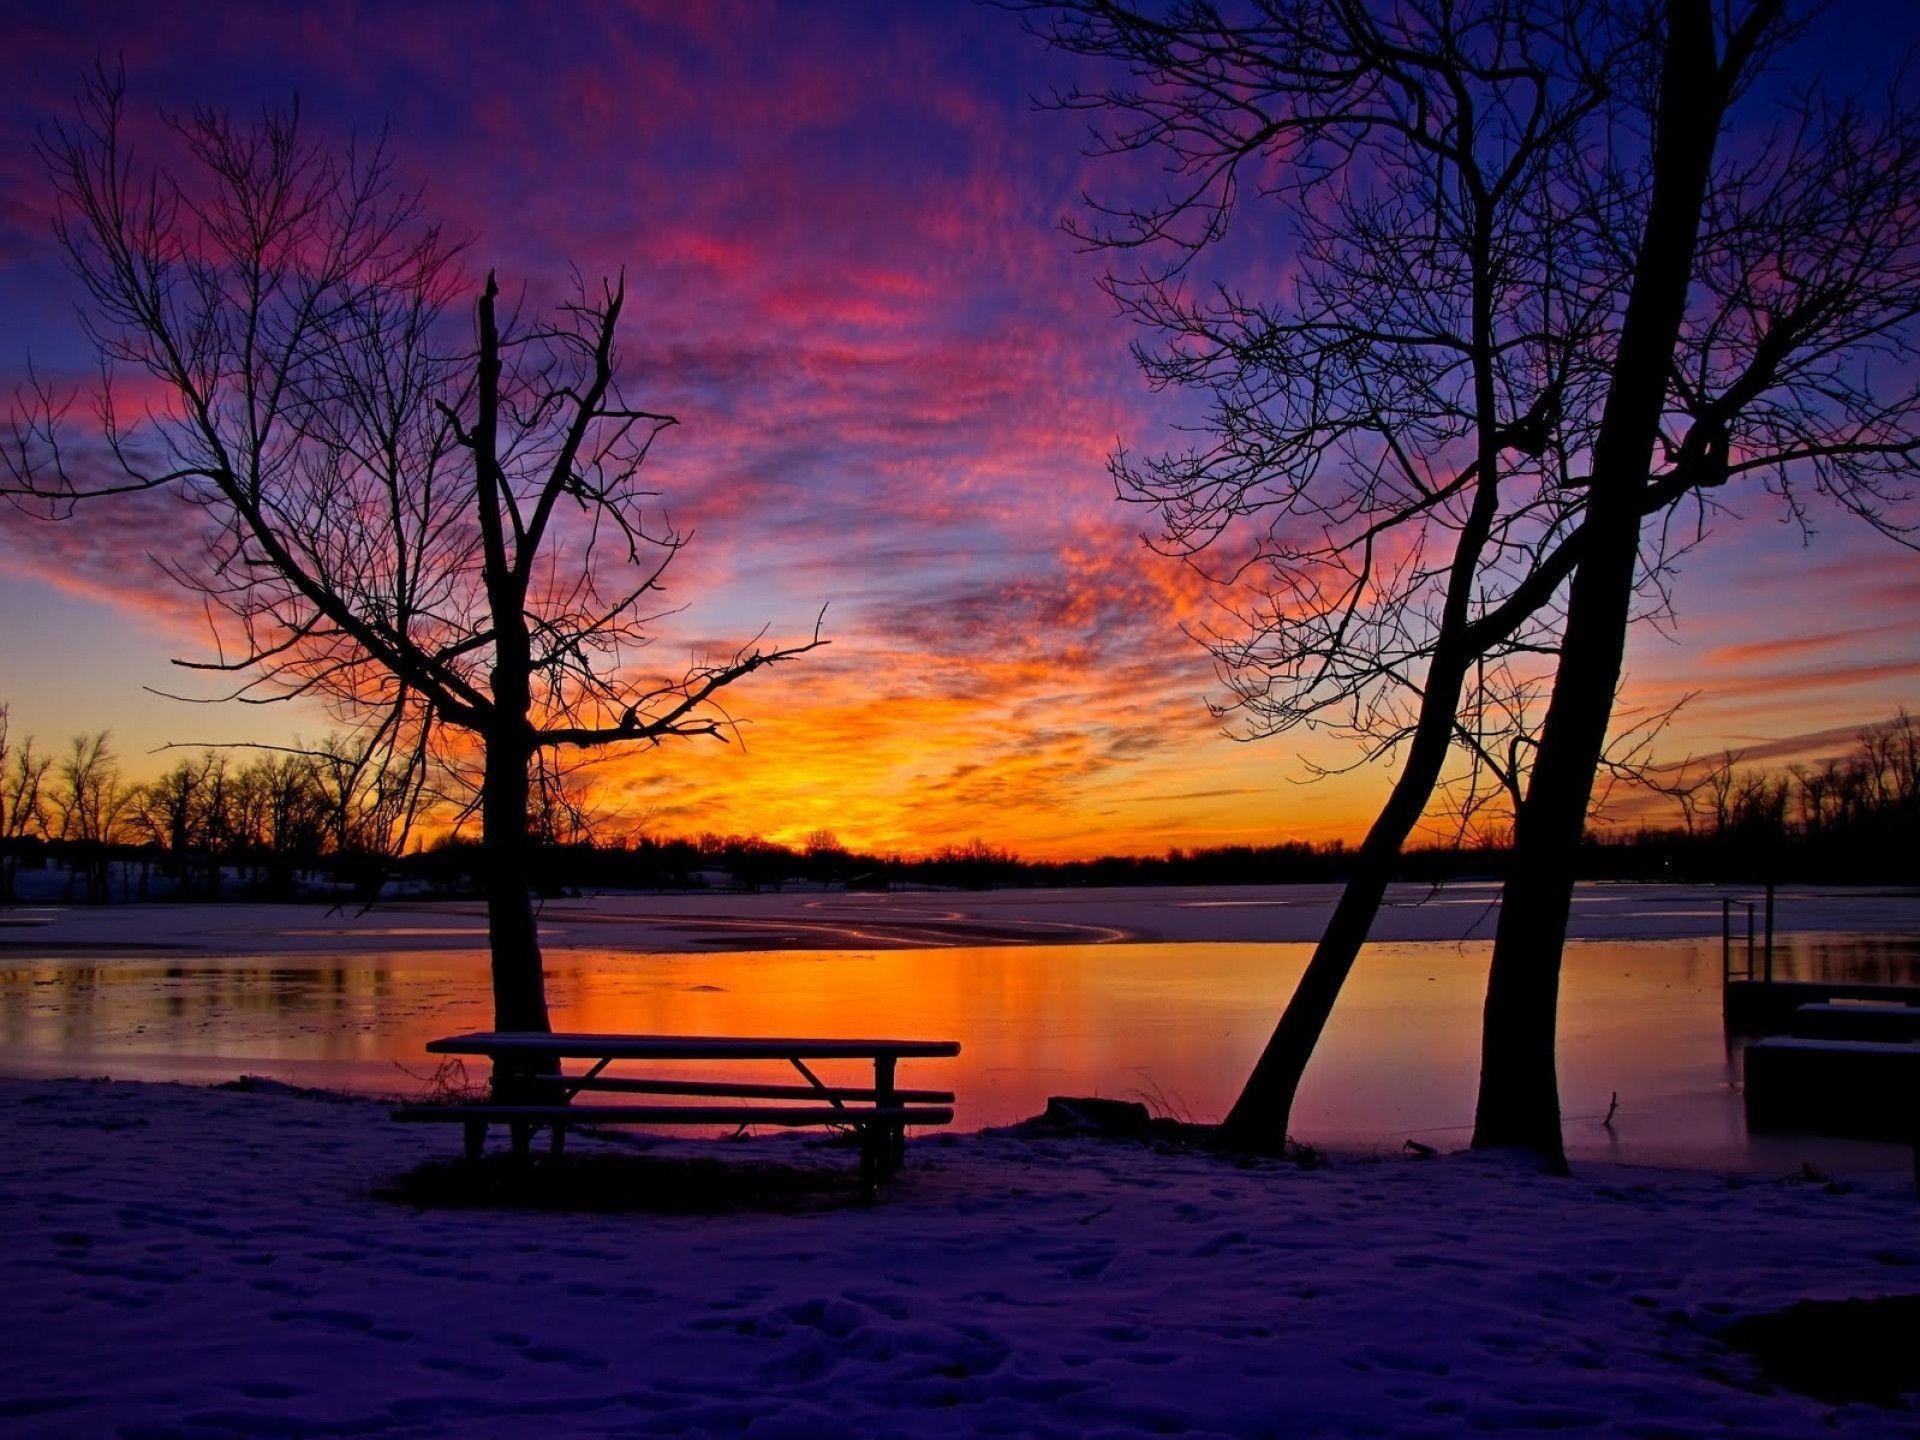 Nature Winter Sunset Photos 19767 Full HD Wallpaper Desktop